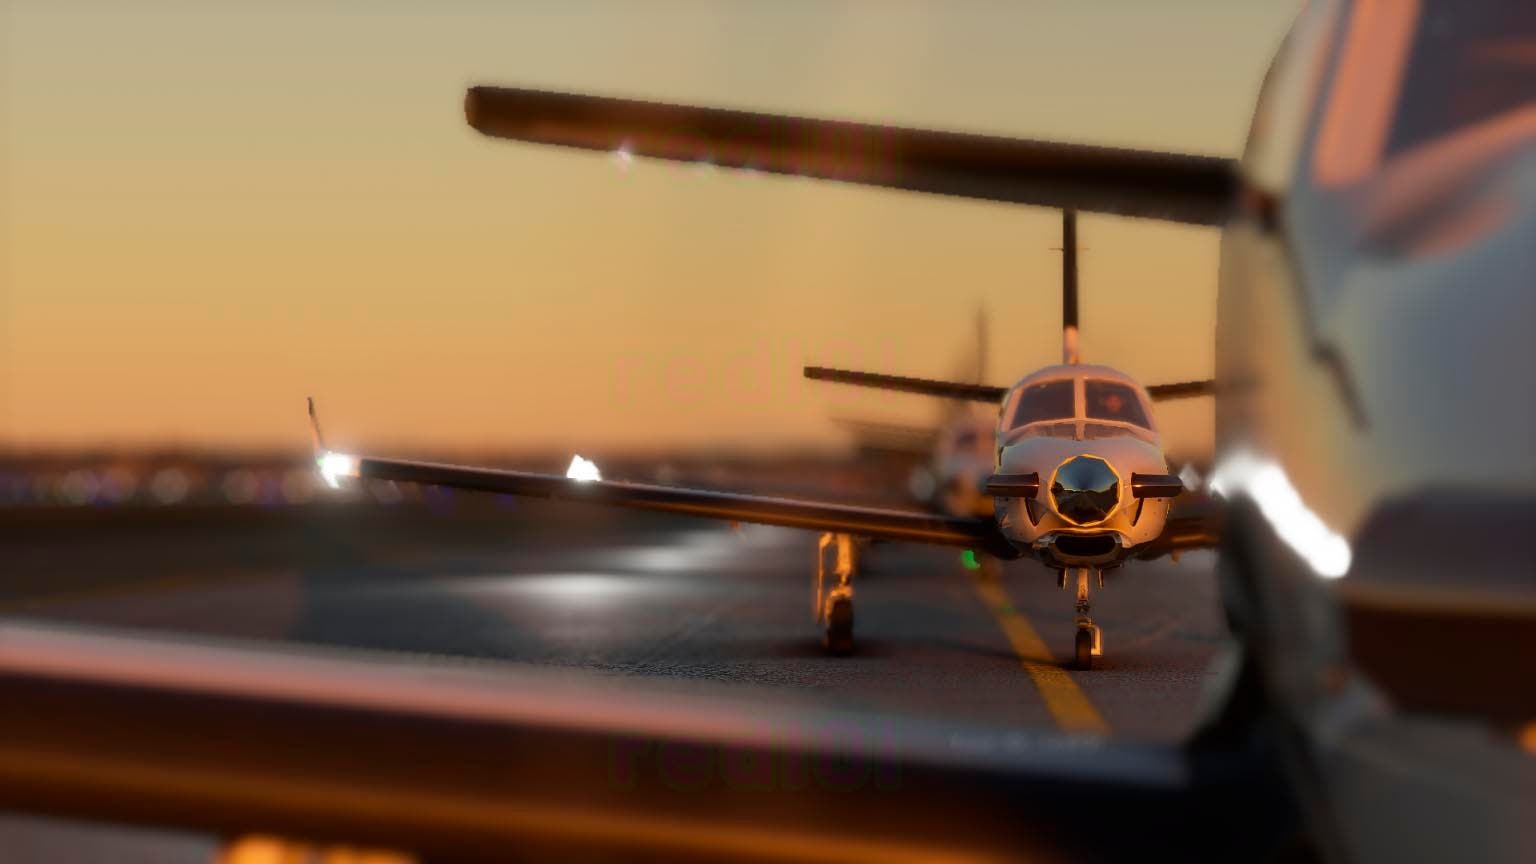 Microsoft Flight Simulator descubre nuevas imágenes compartidas por la comunidad 11